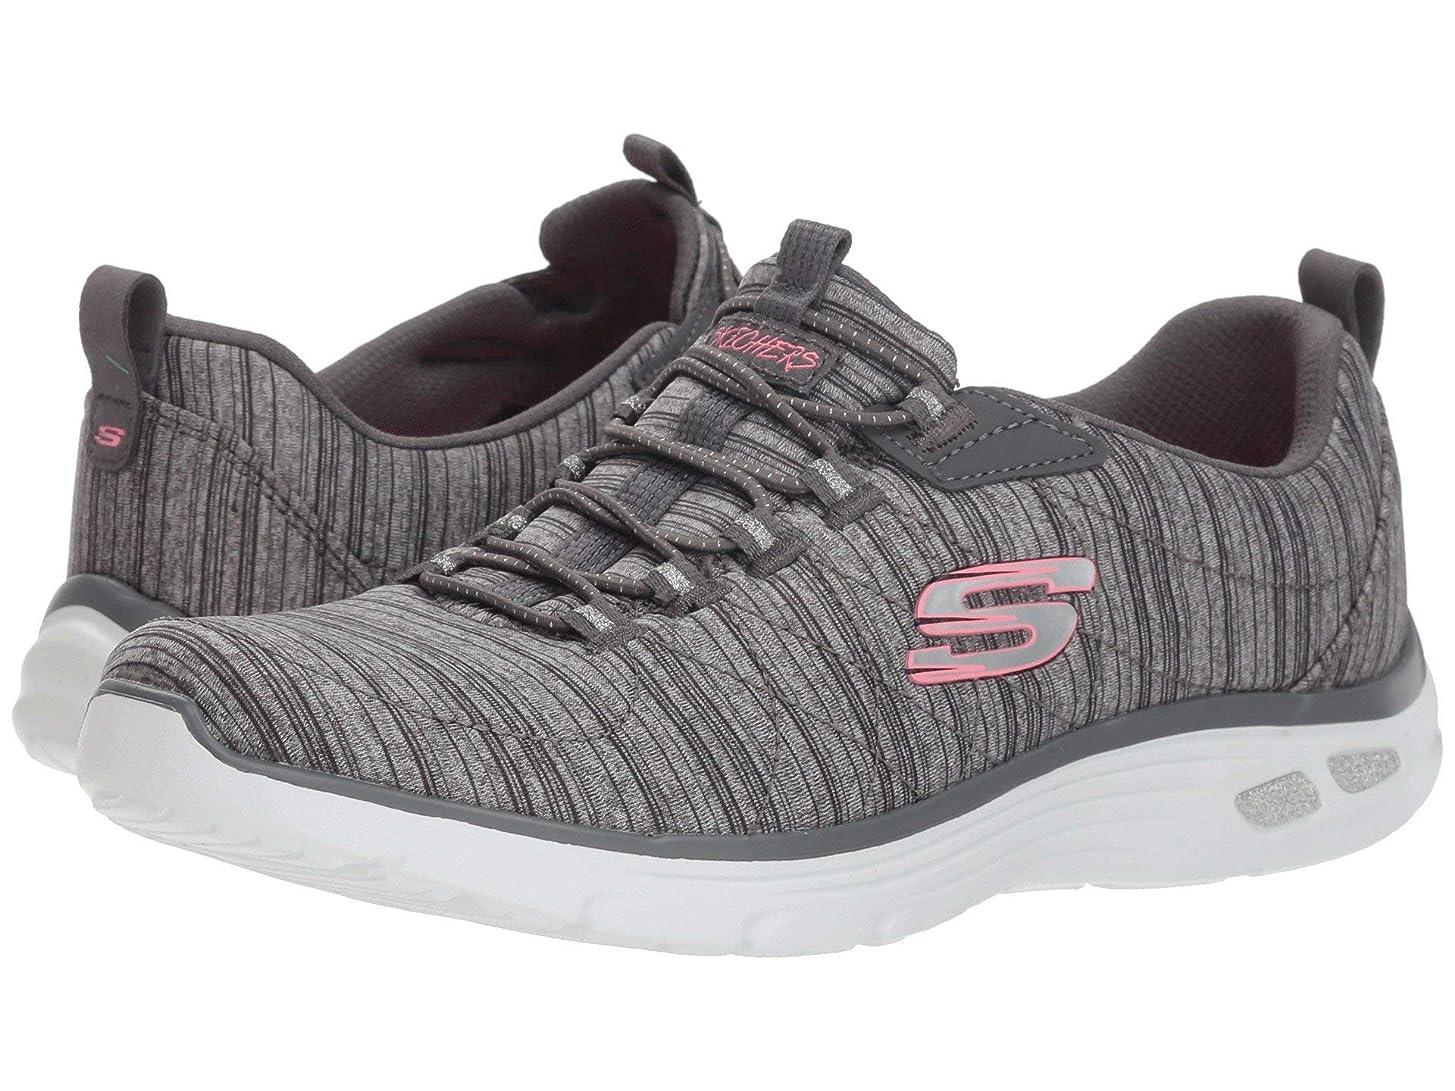 杖一族バットレディーススニーカー?ウォーキングシューズ?靴 Empire D'Lux Gray 7 (24cm) B [並行輸入品]